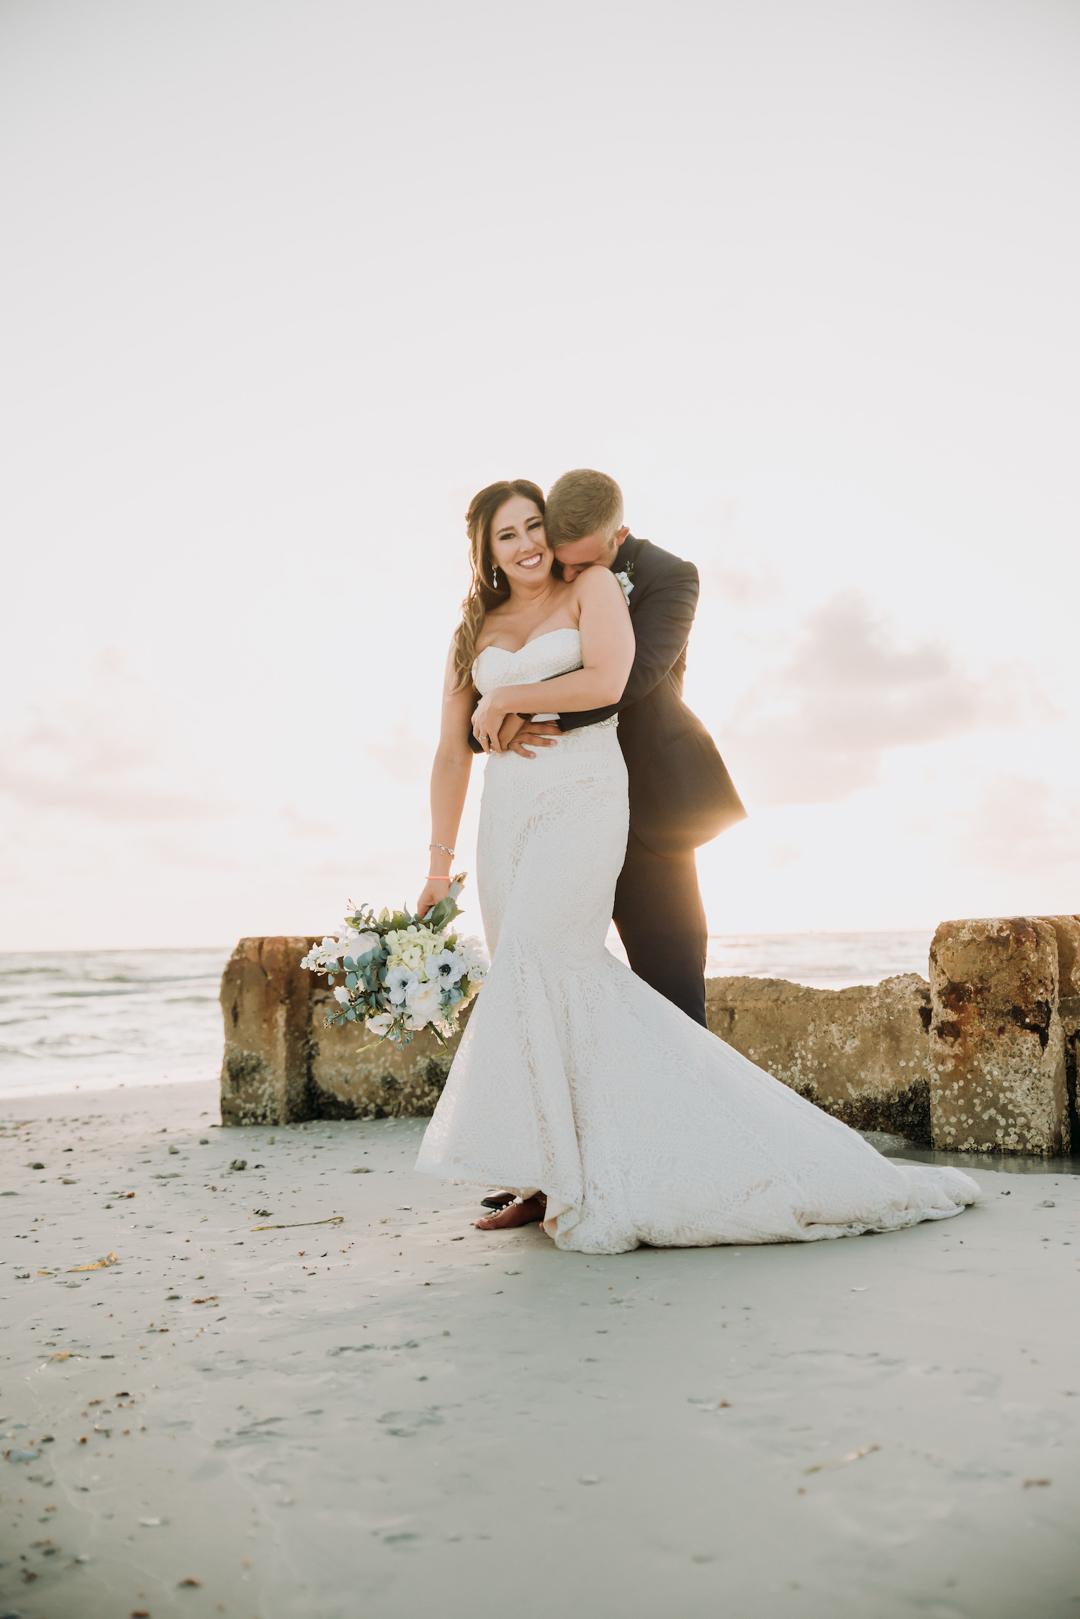 honeymoon-island-wedding-anastasia-noel-172.jpg